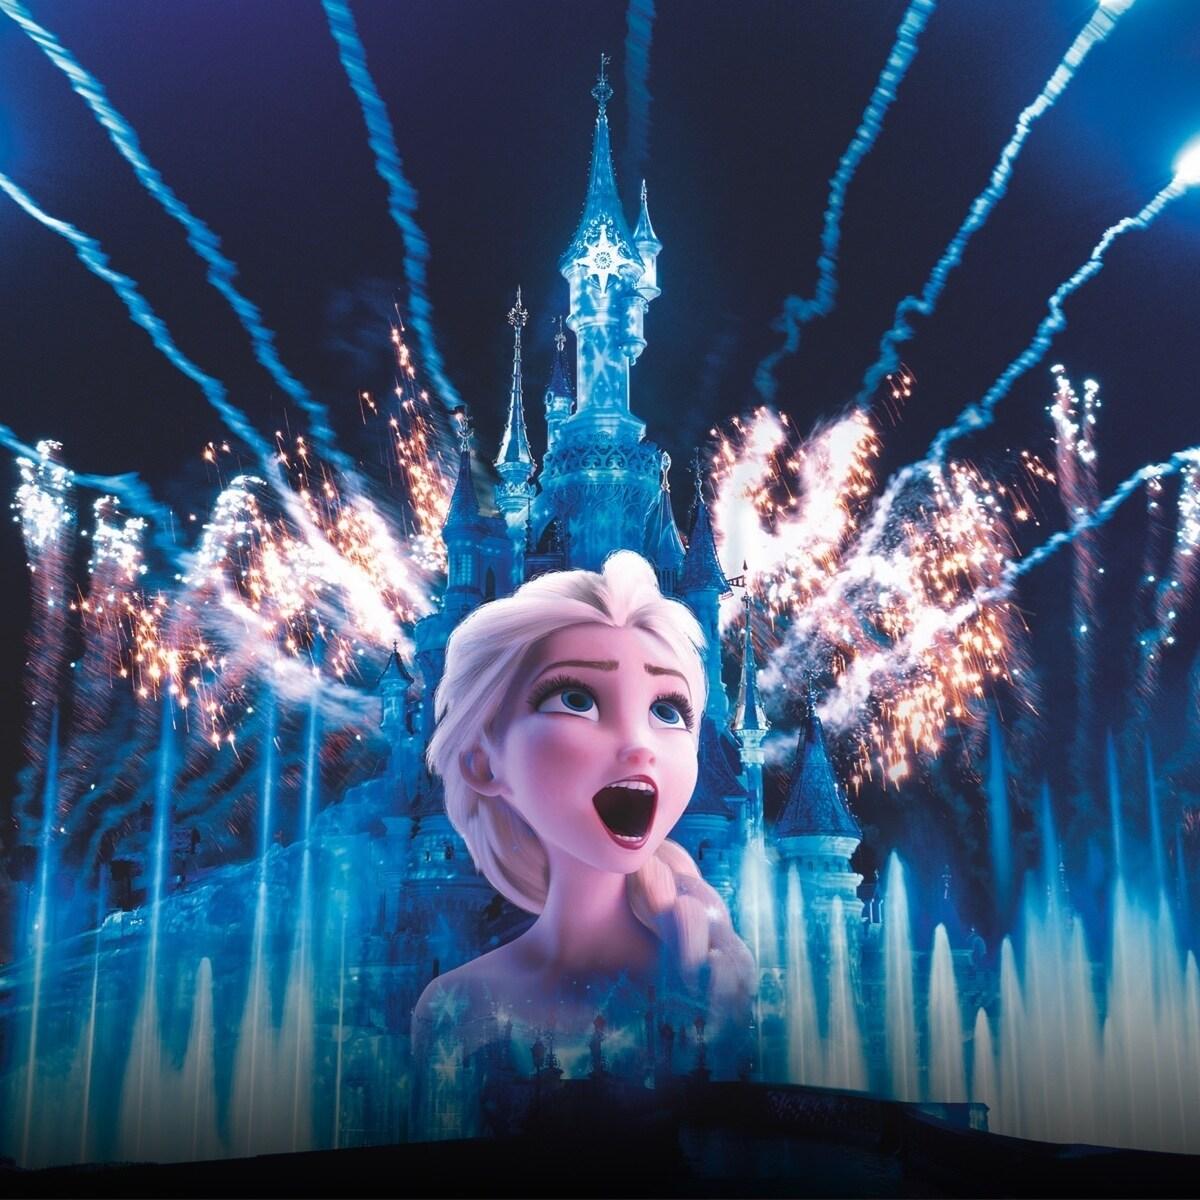 Elsa dans son numéro de chant, avec le château de La Belle au Bois Dormant de nuit en arrière-plan, éclairé par un feu d'artifice